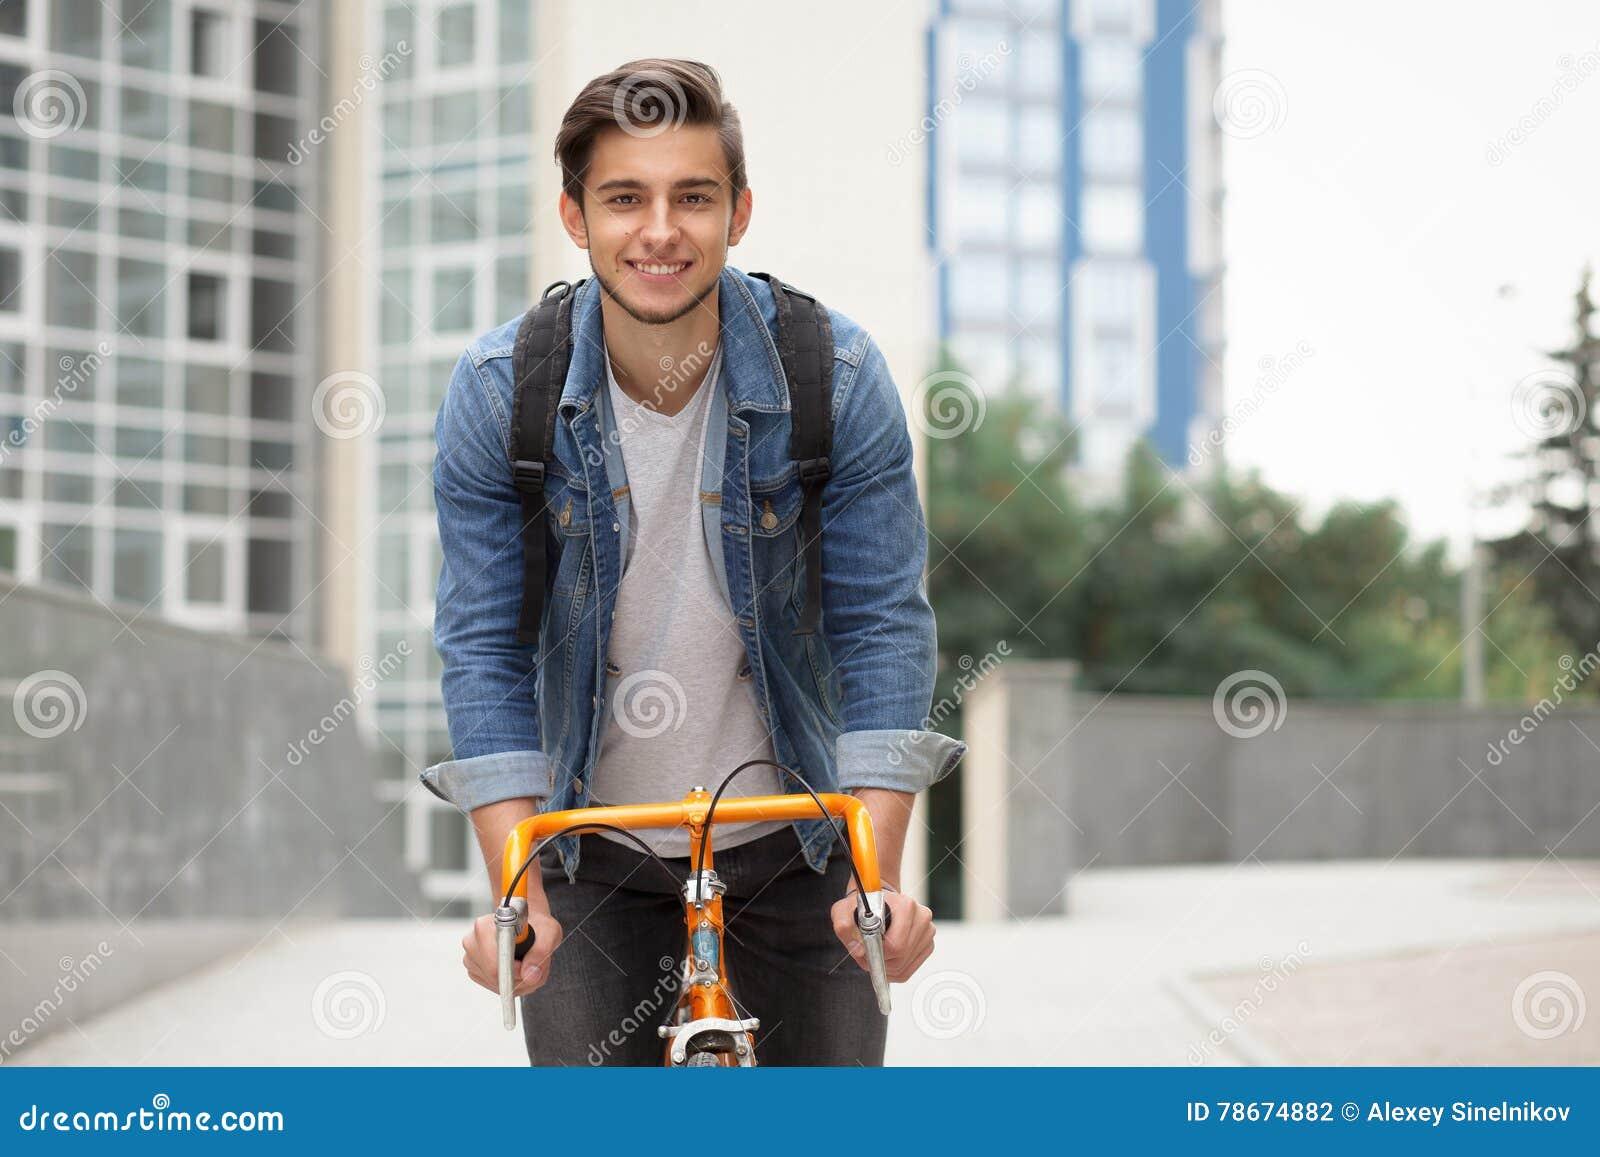 El individuo va a la ciudad en una bicicleta en chaqueta de los tejanos hombre joven una bici anaranjada del arreglo